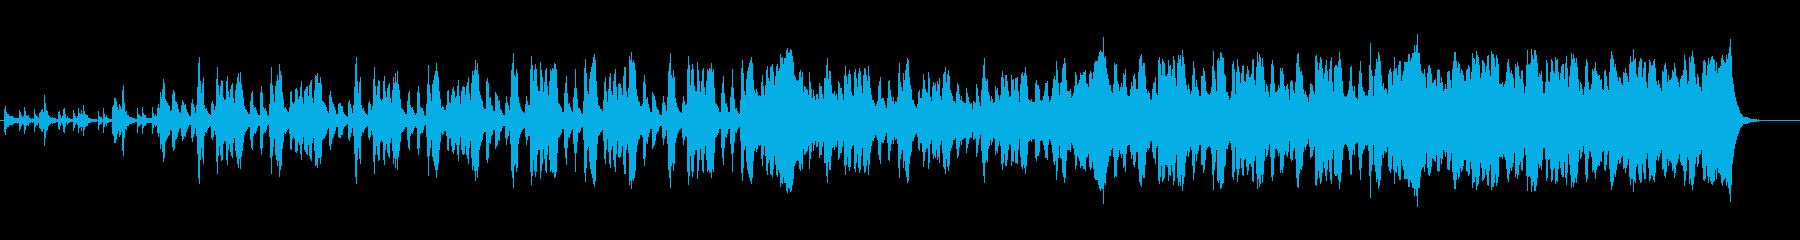 重々しい旋律の再生済みの波形